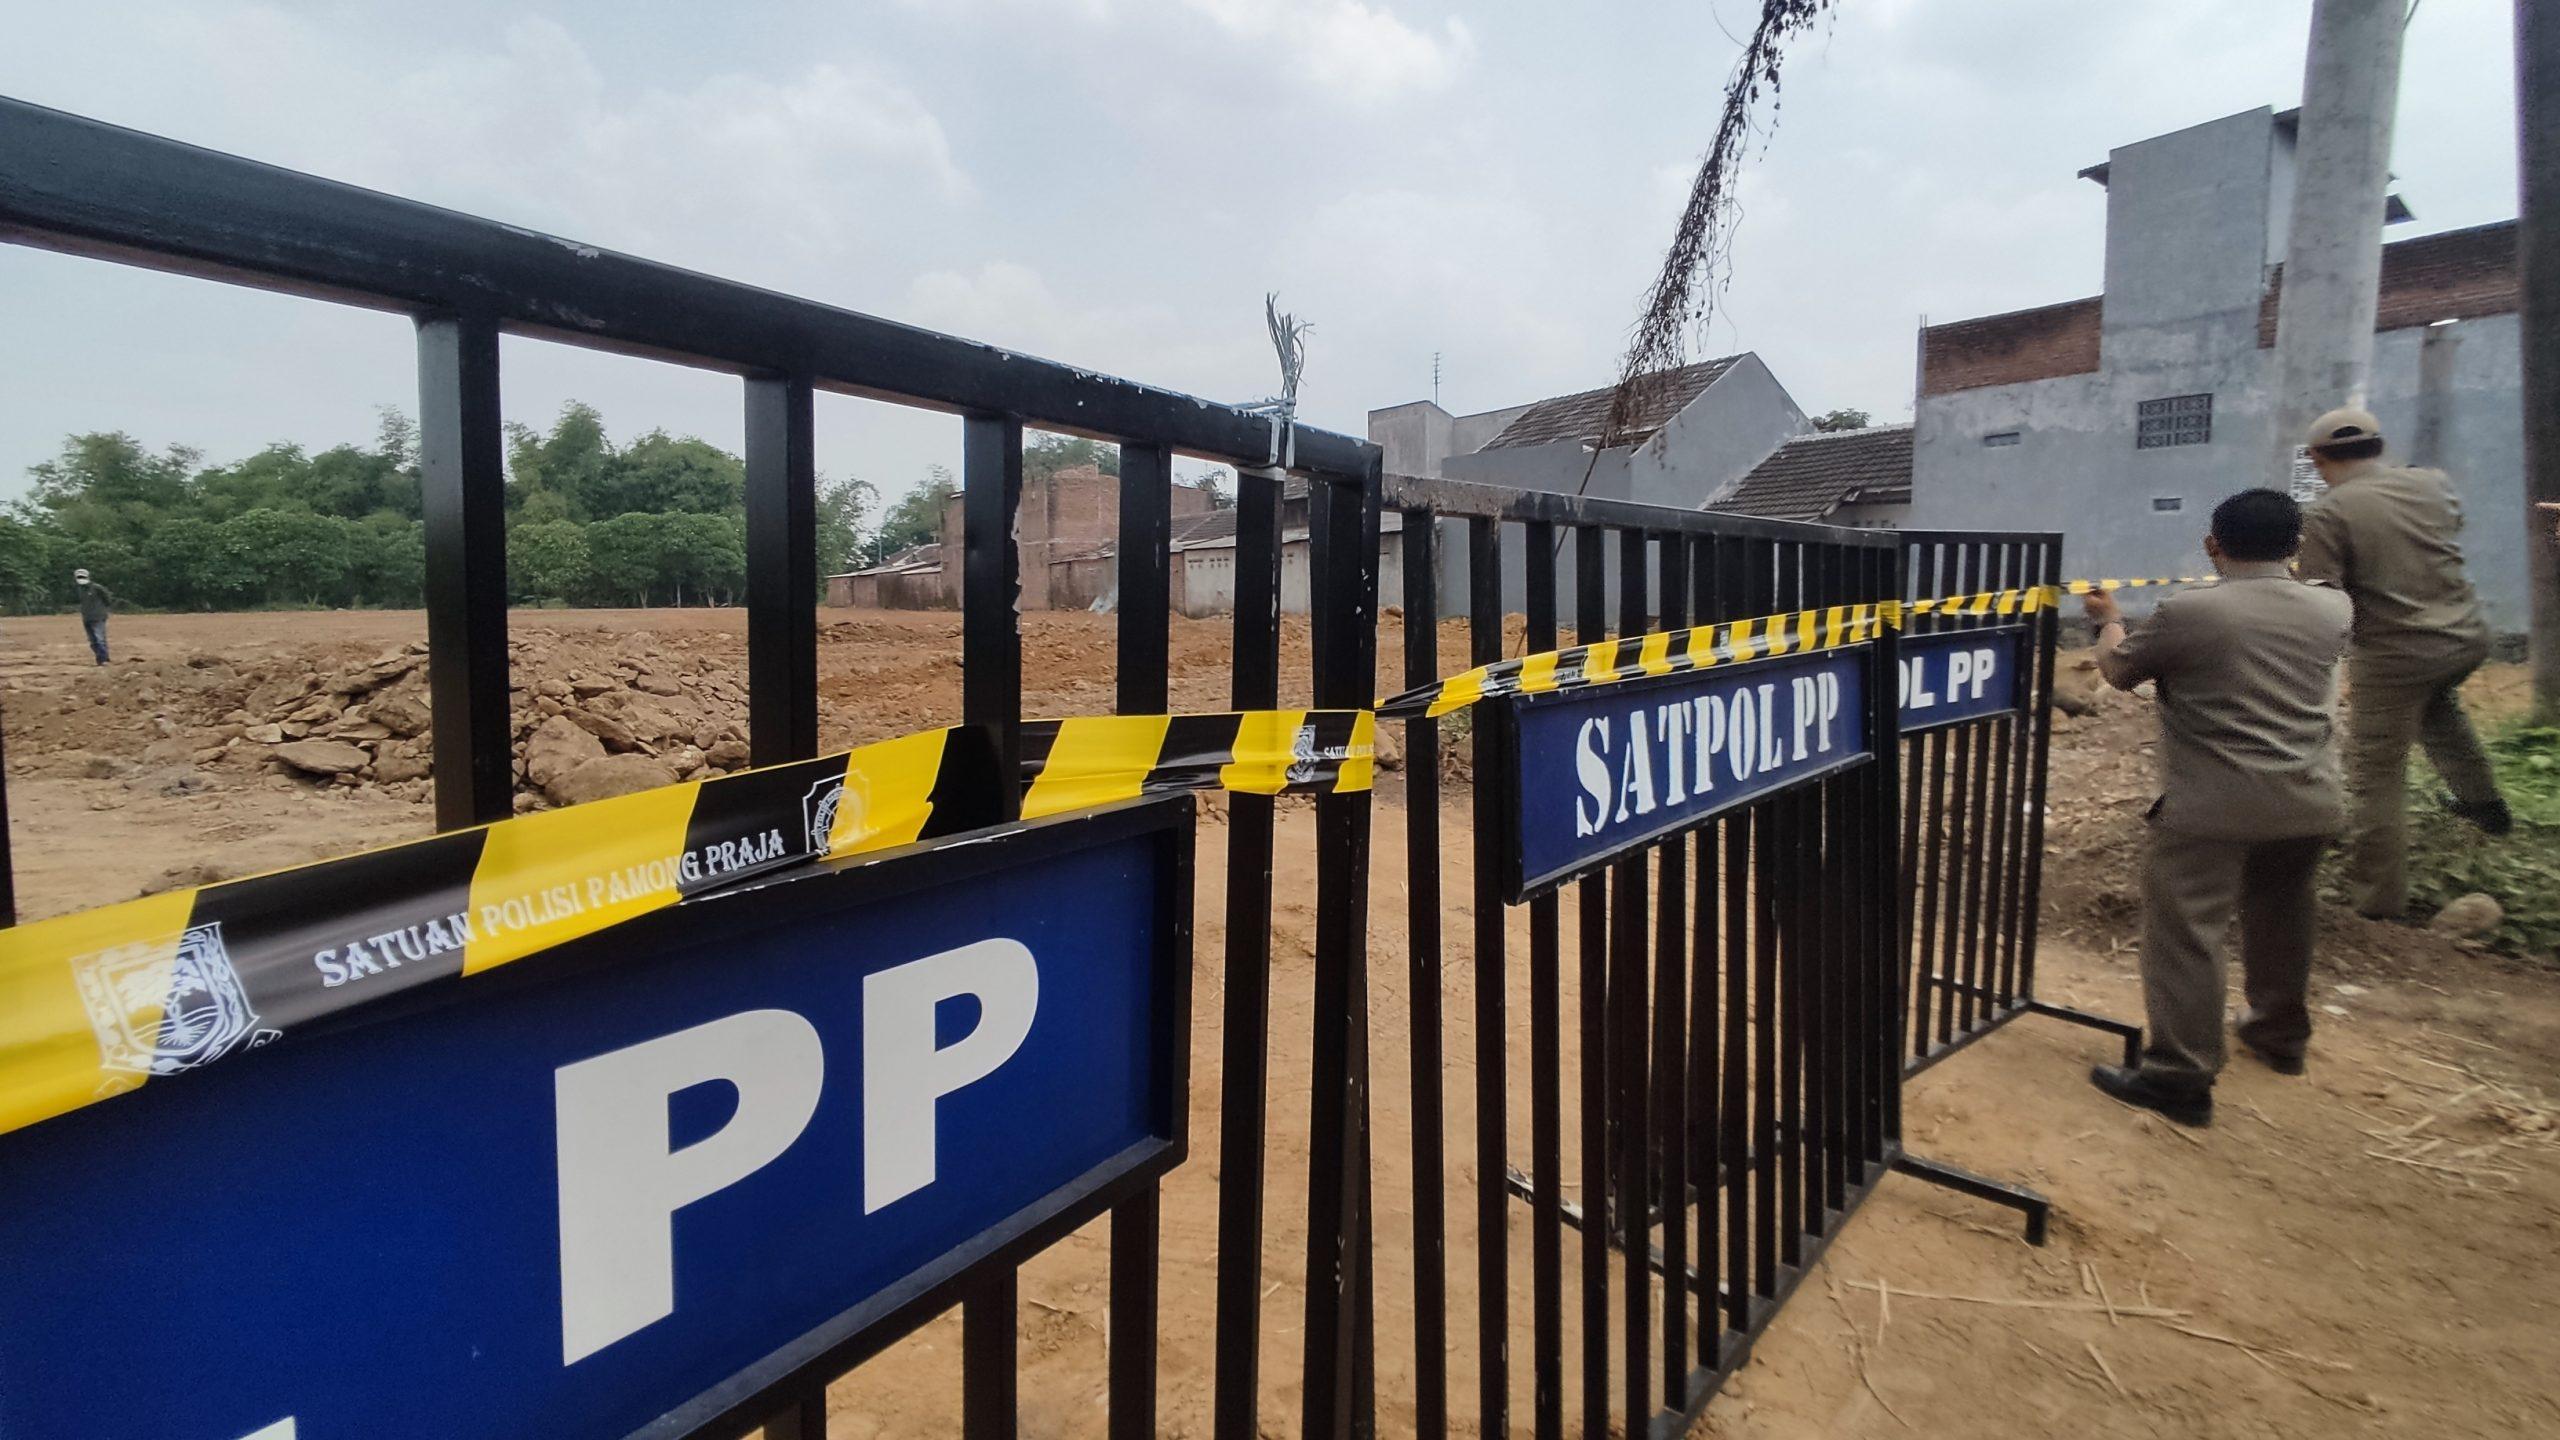 Pembangunan Perumahan, Suromurukan Kota Mojokerto, Satpol PP Kota Mojokerto